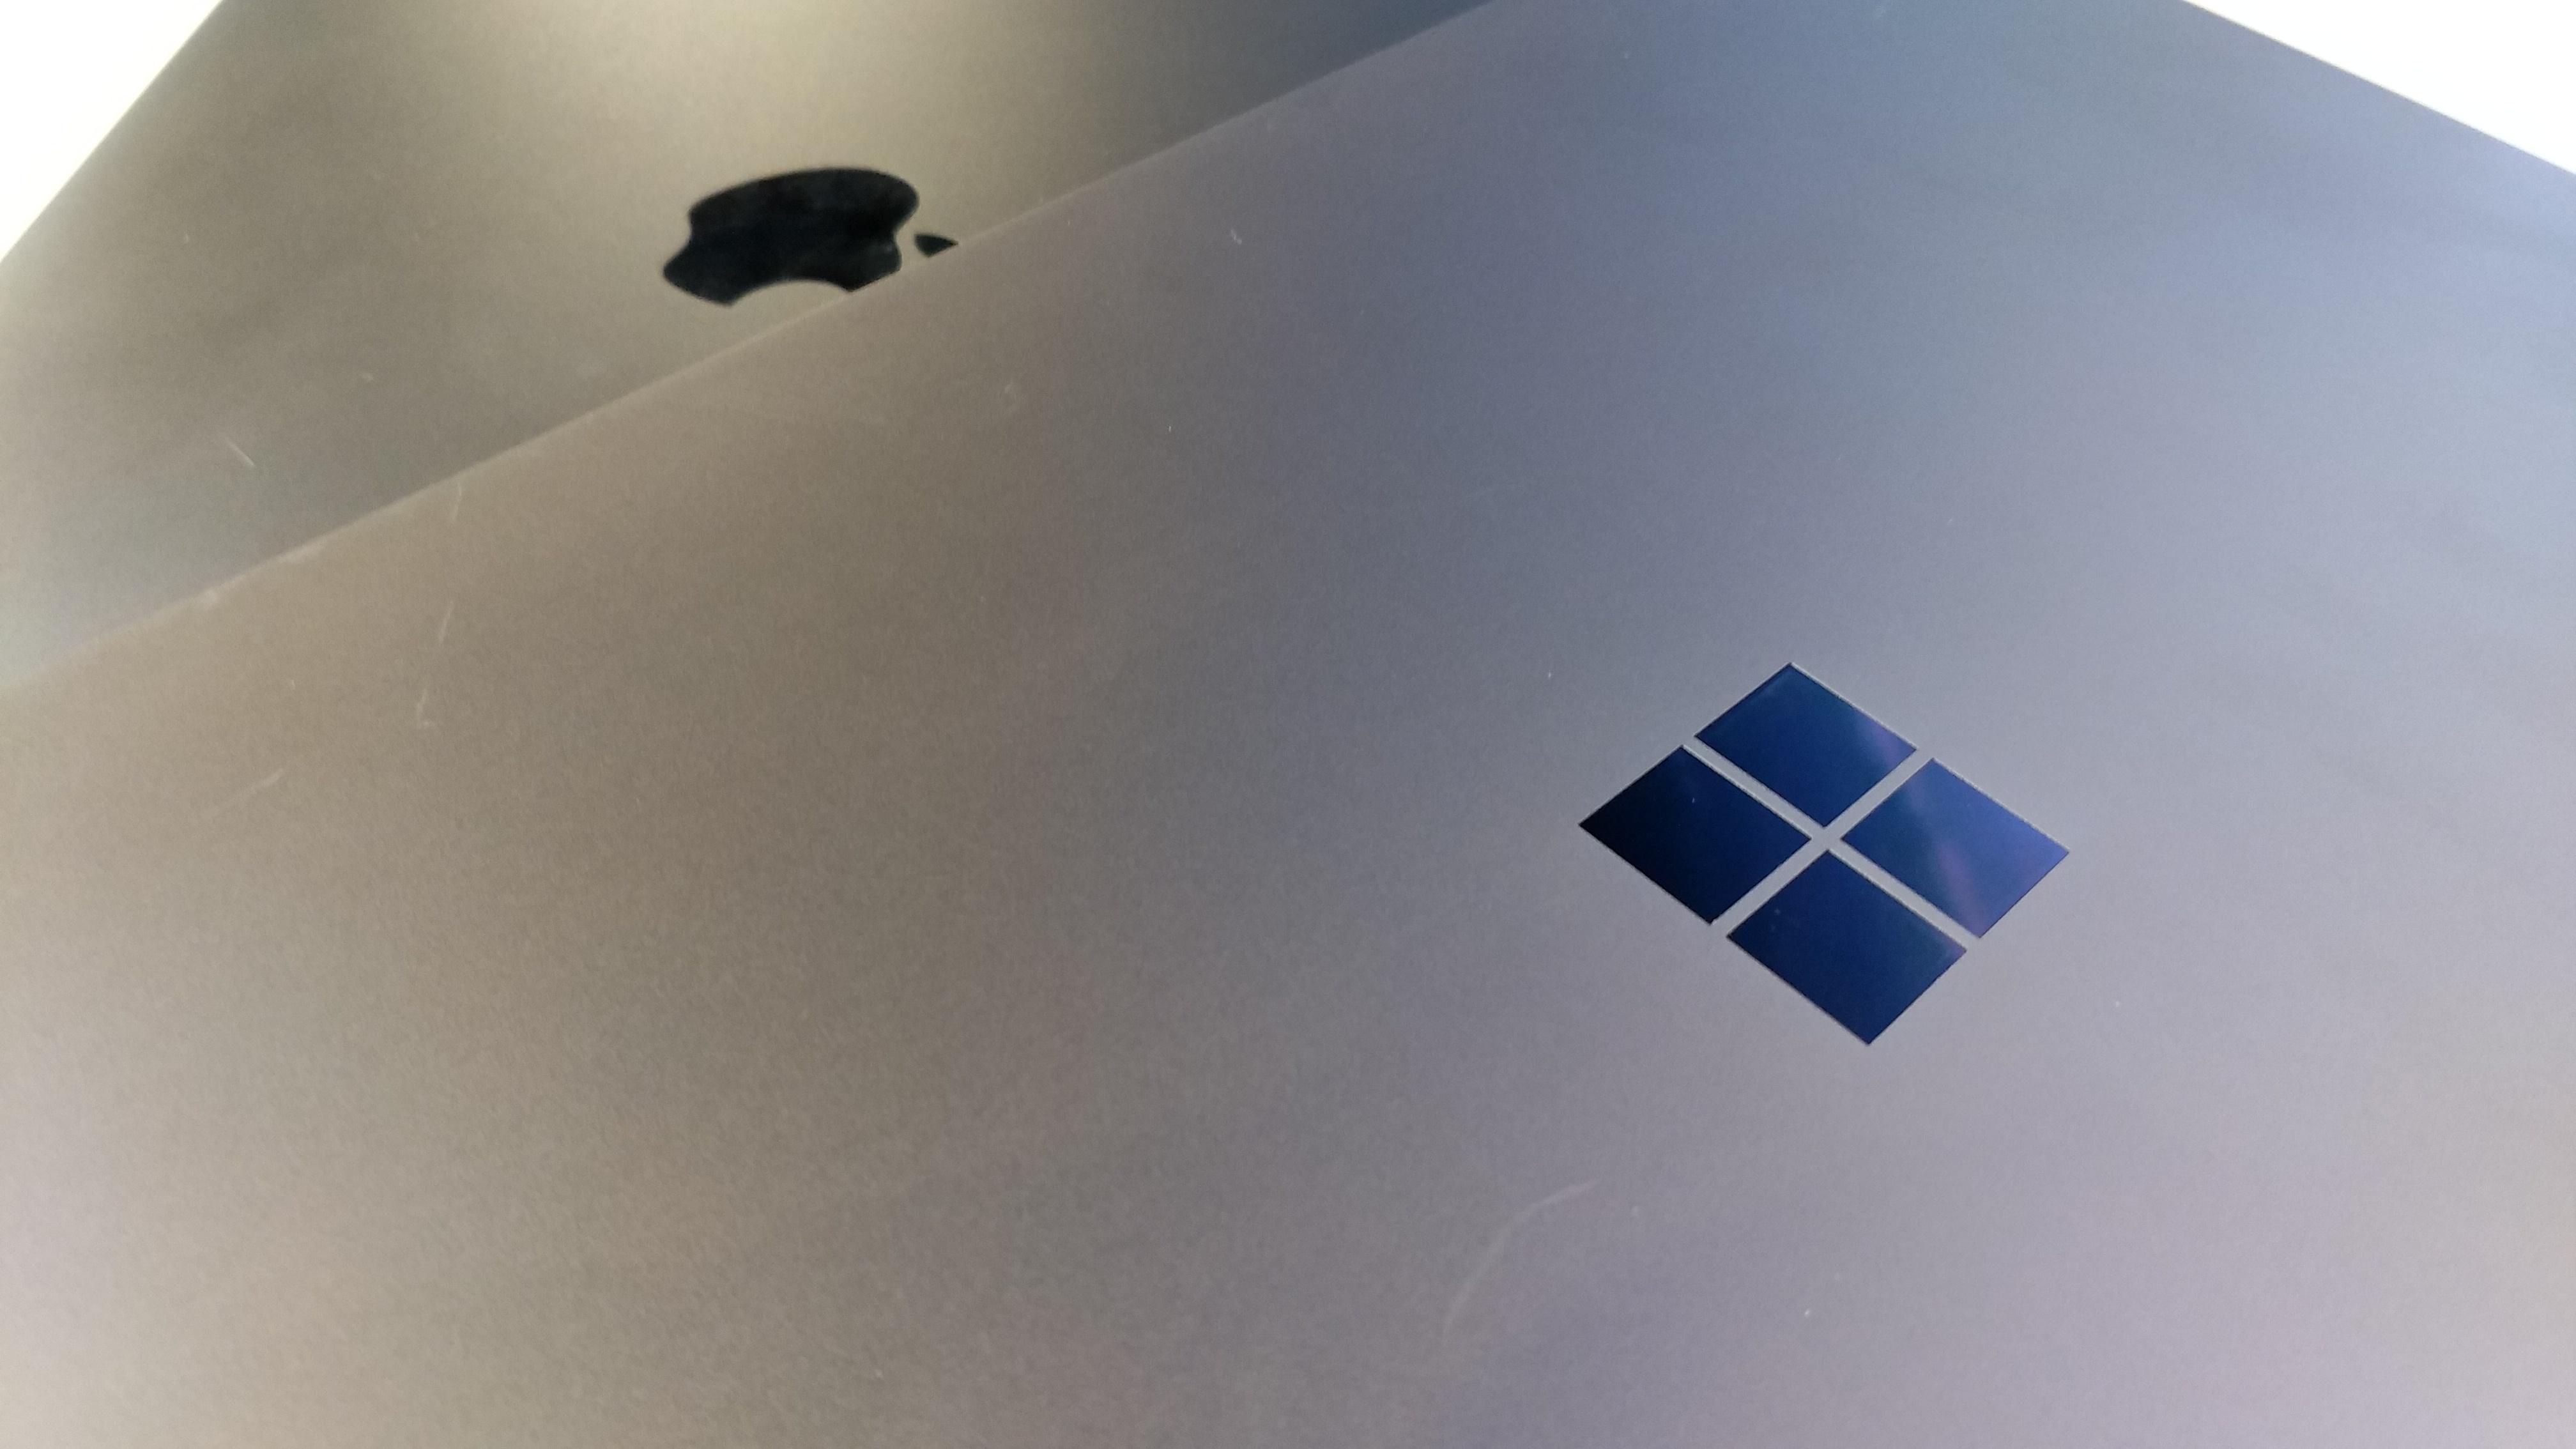 微软Laptop对比苹果新款MacBook,你会选择谁?的照片 - 1